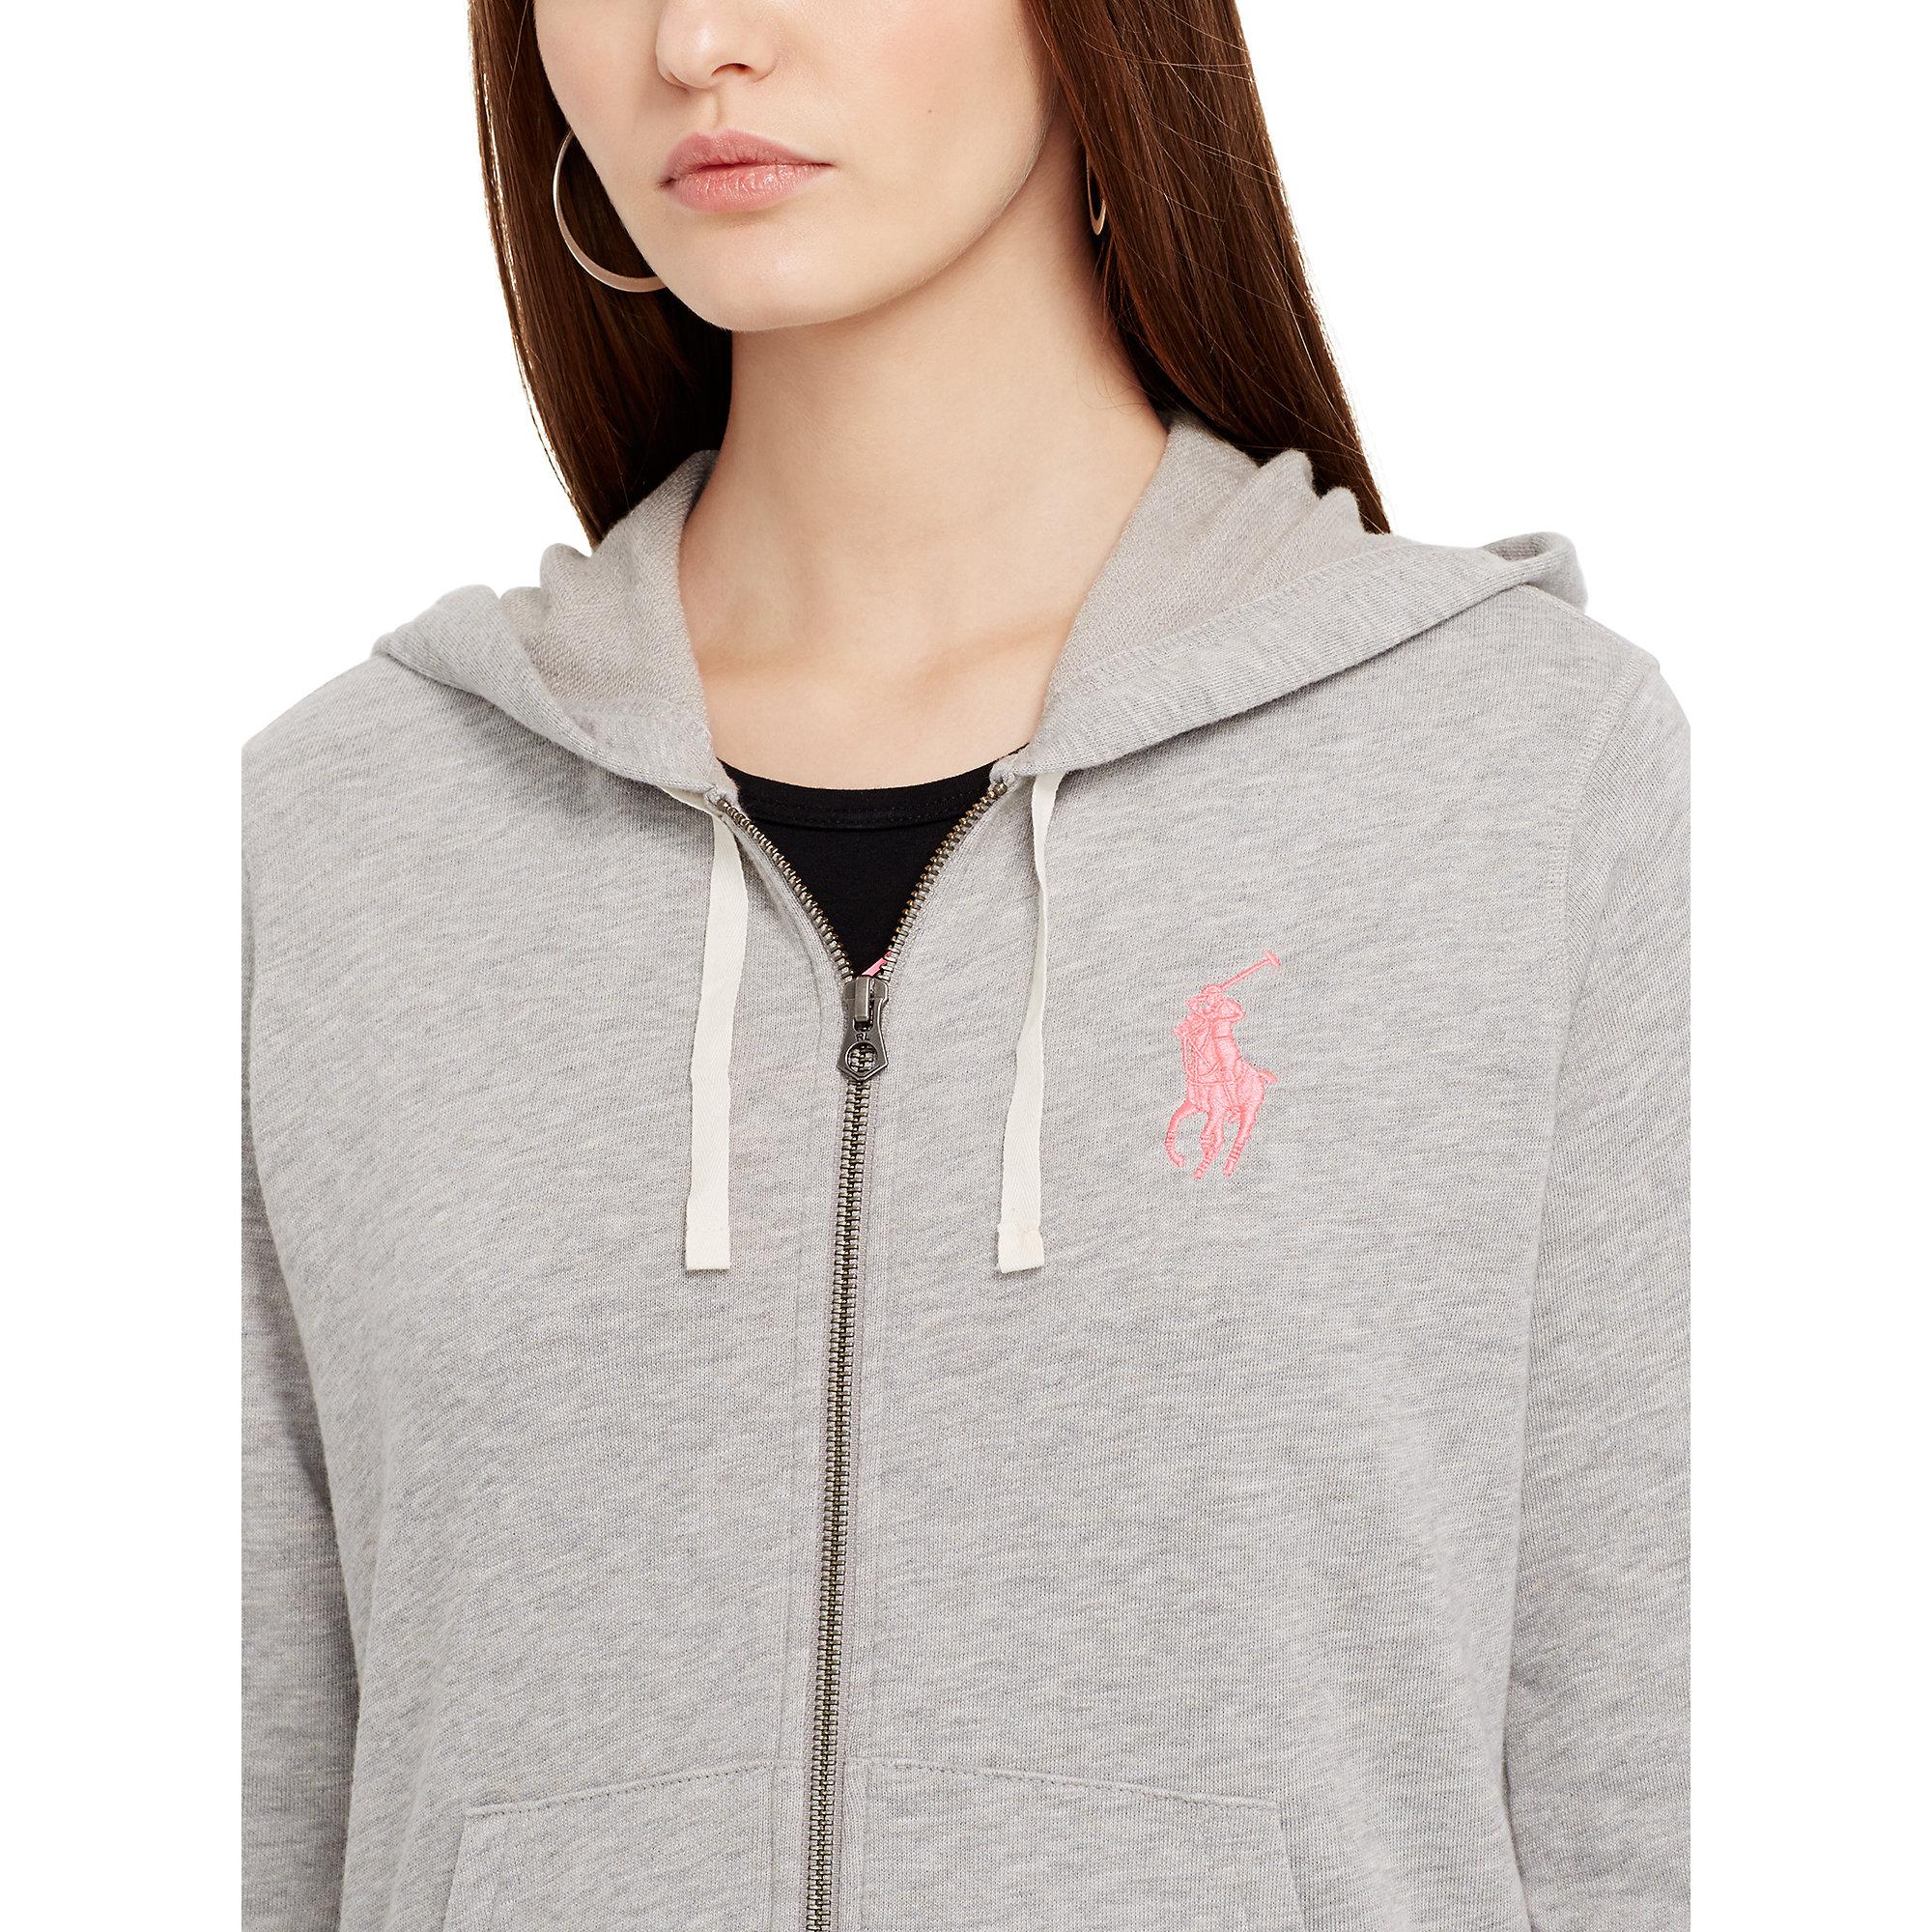 Lyst - Ralph Lauren Pink Pony Hooded Jacket in Gray